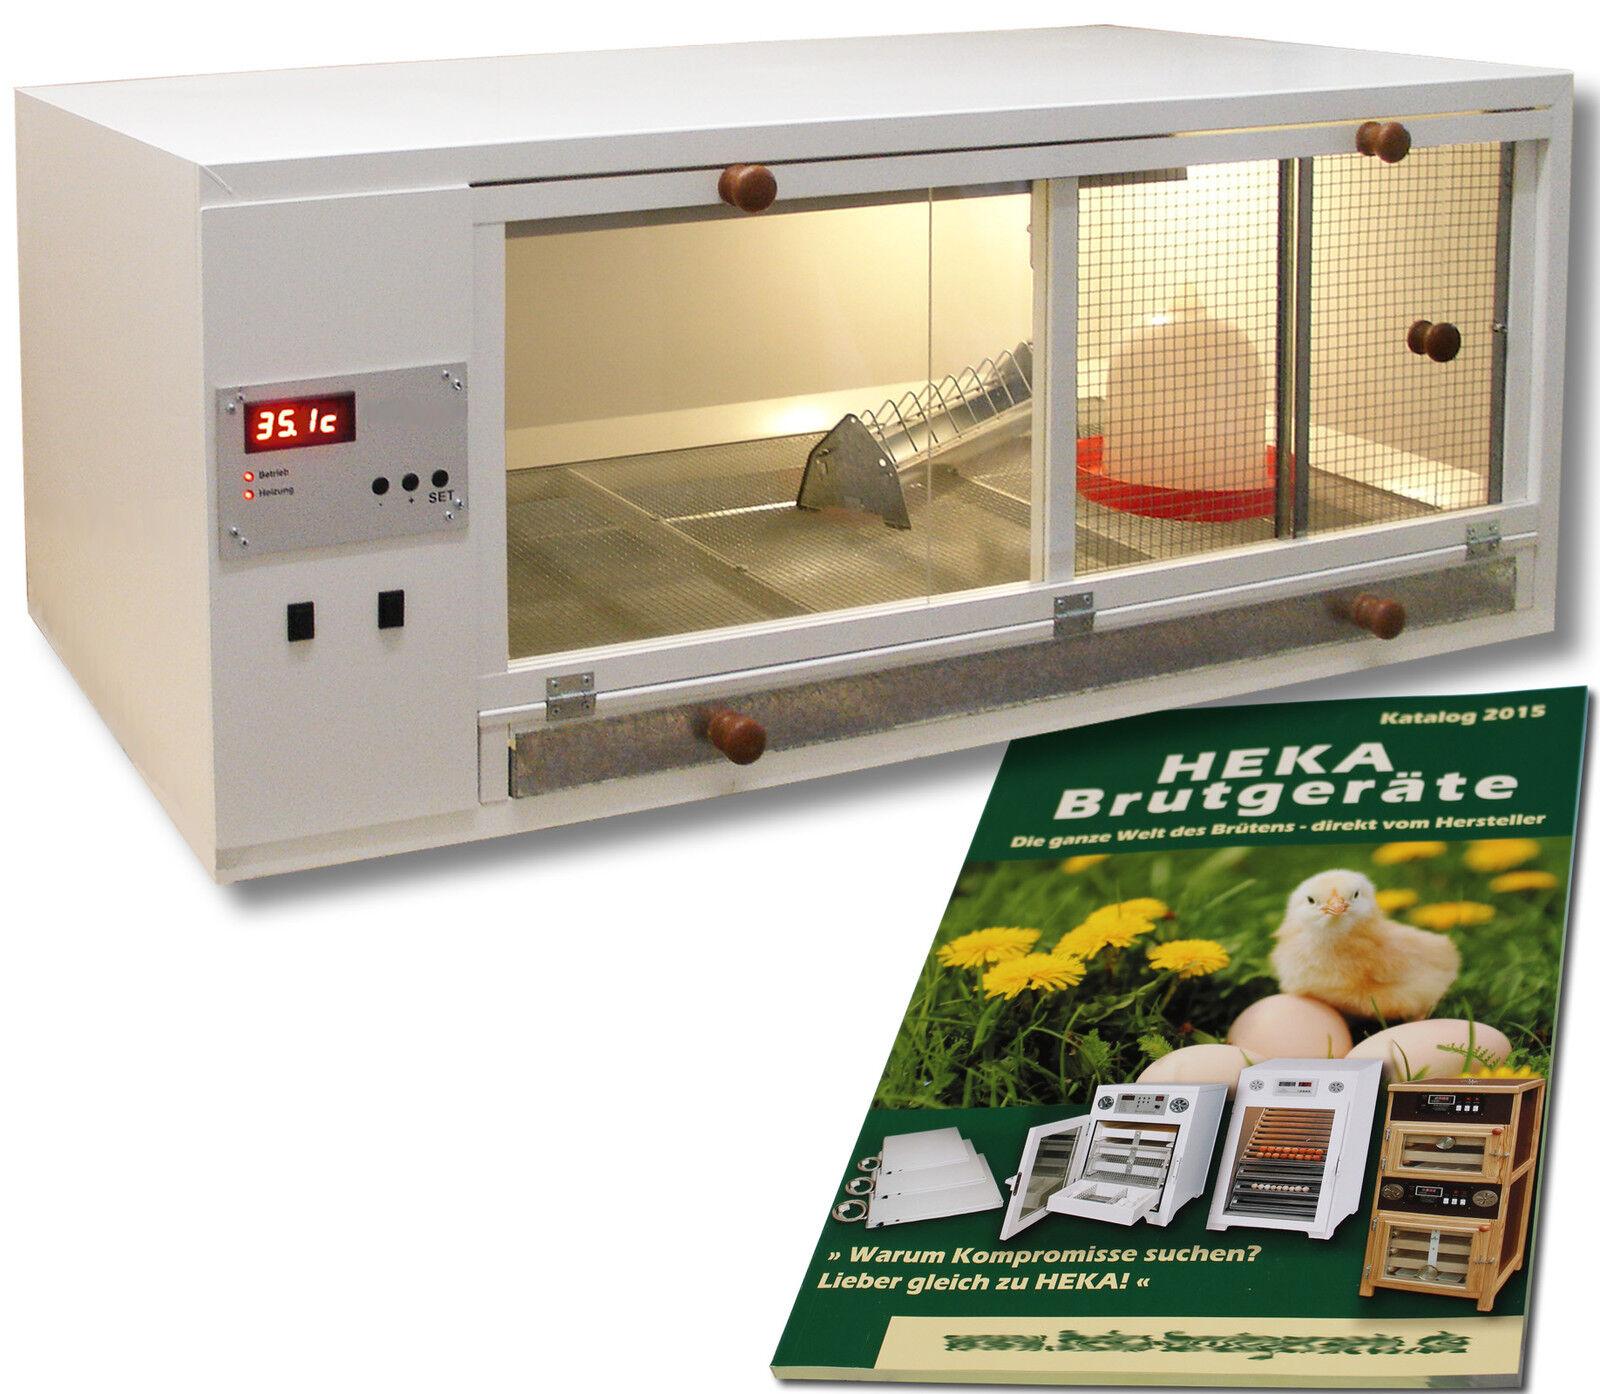 HEKA-Aufzuchtbox aus Kunststoff, 120x60x30cm, für 80 Küken @@@HEKA  Art. 4222 A